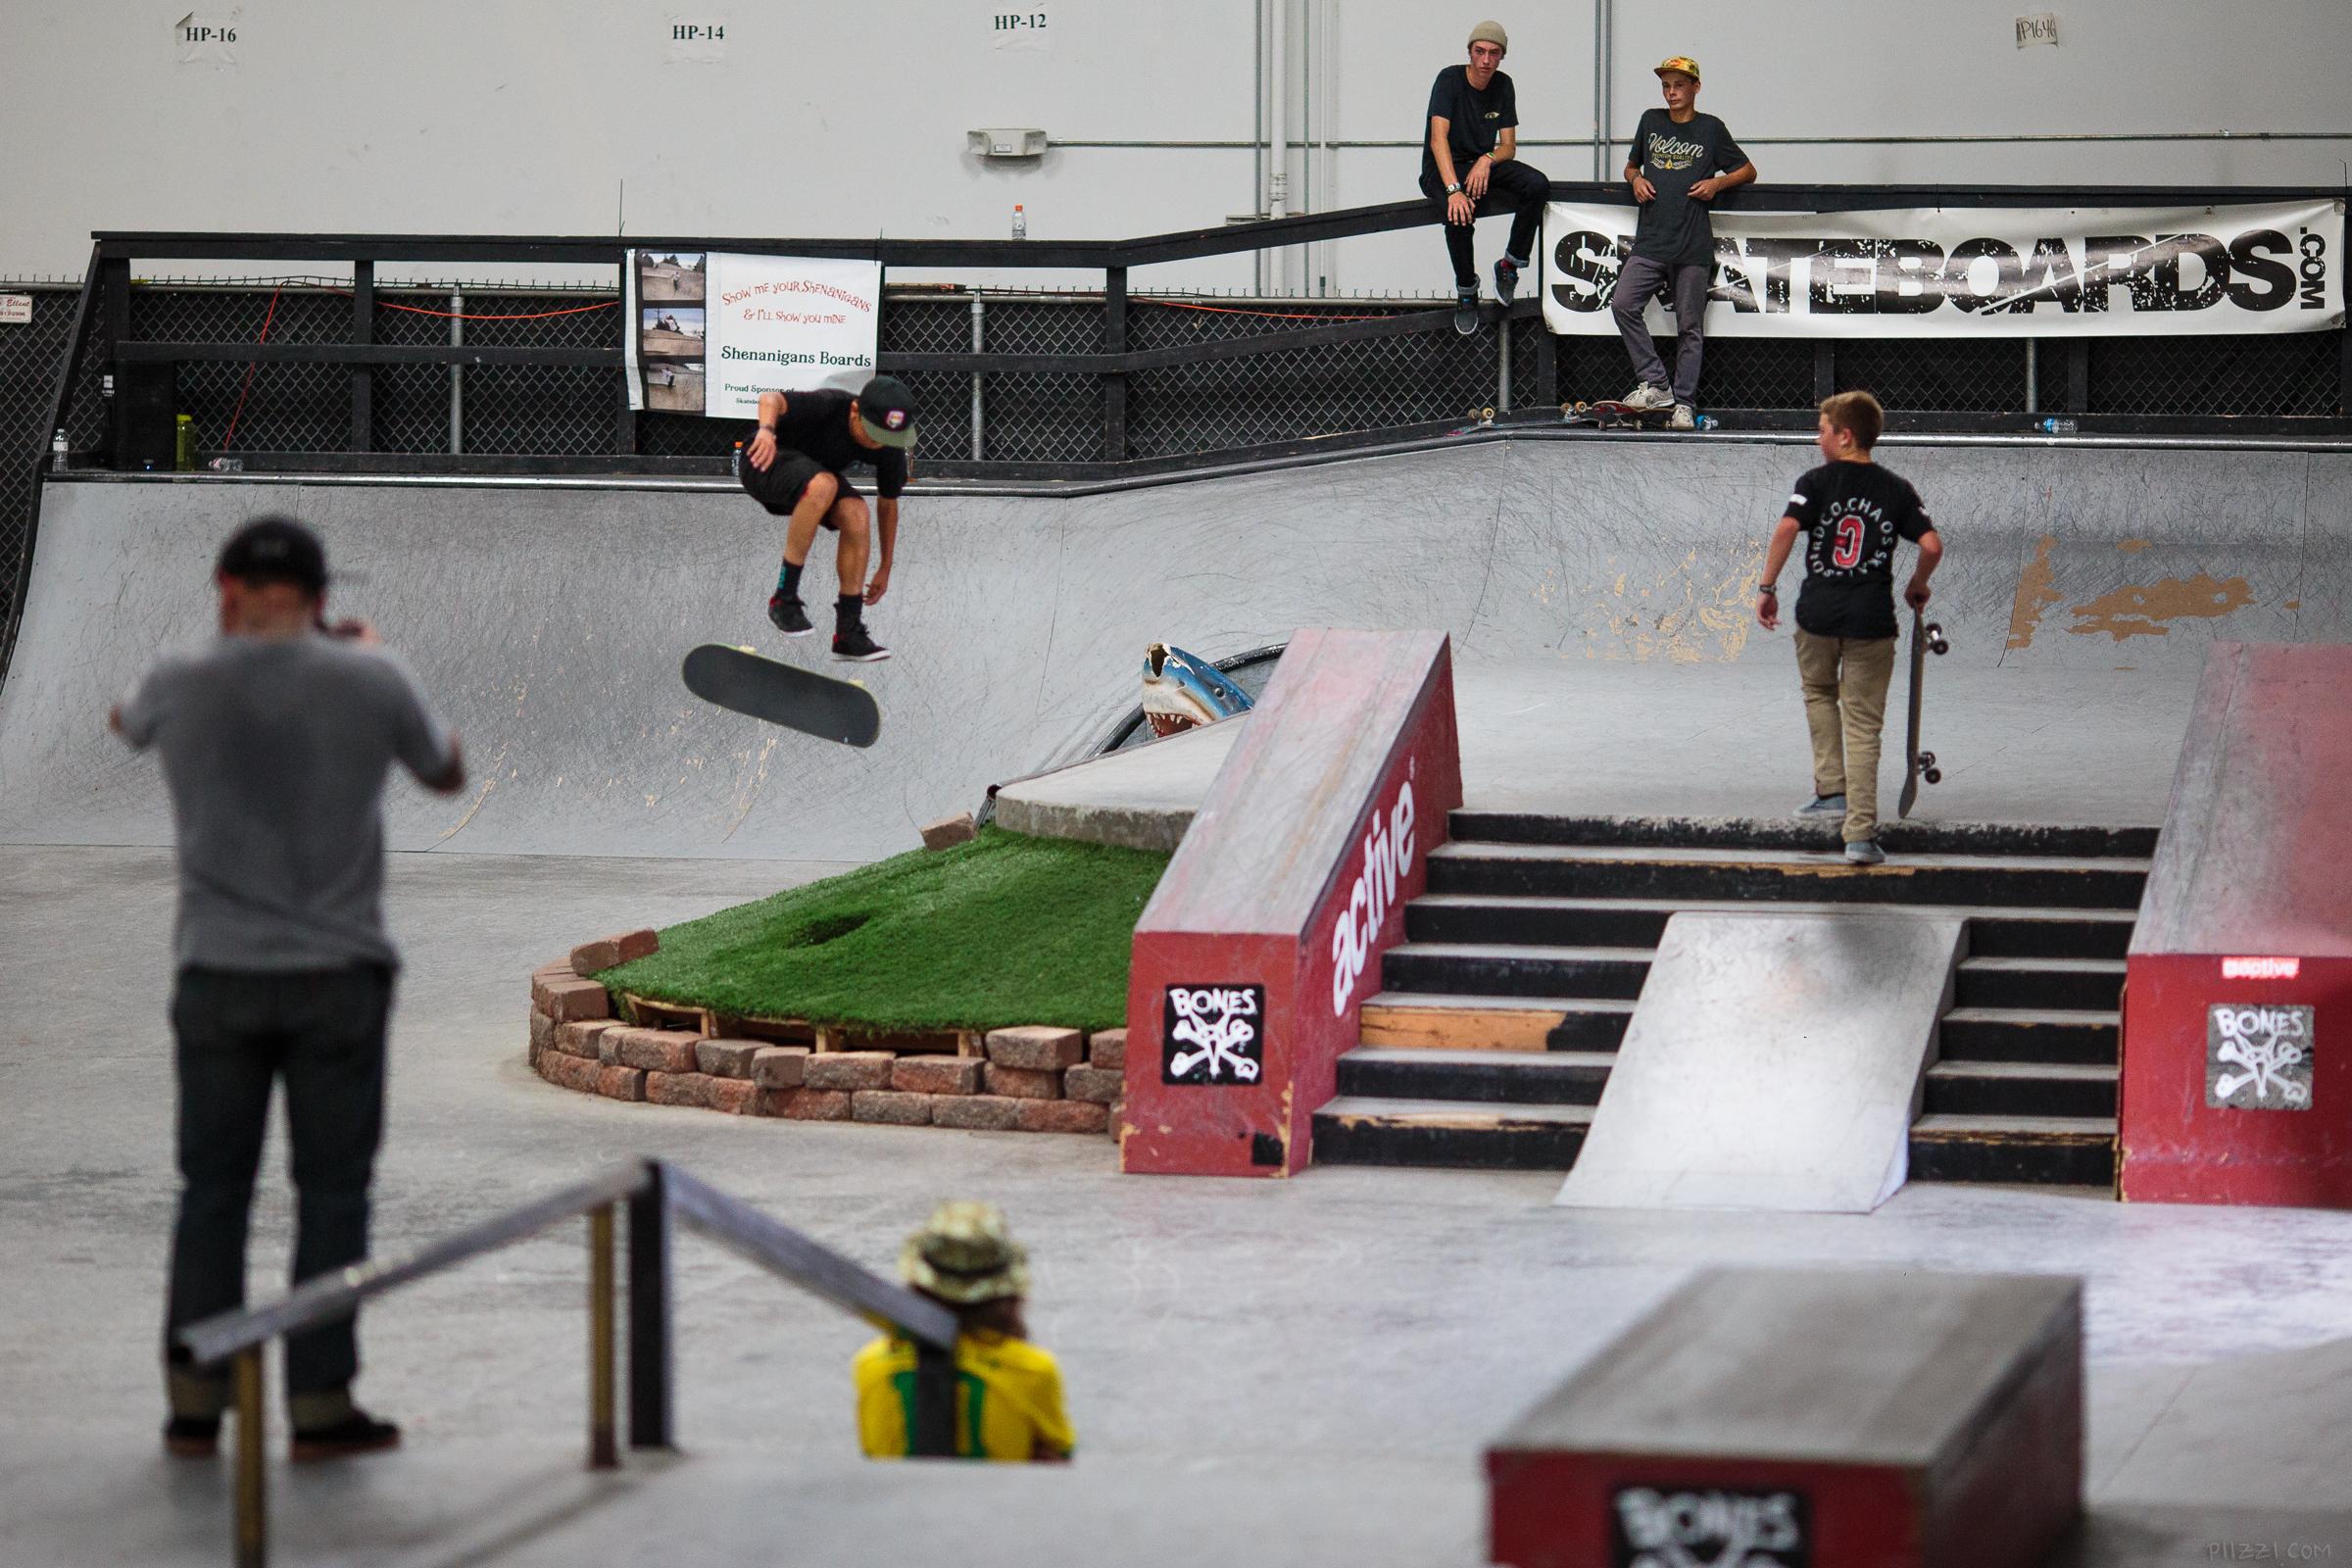 skate_gap_inward_kevin.jpg